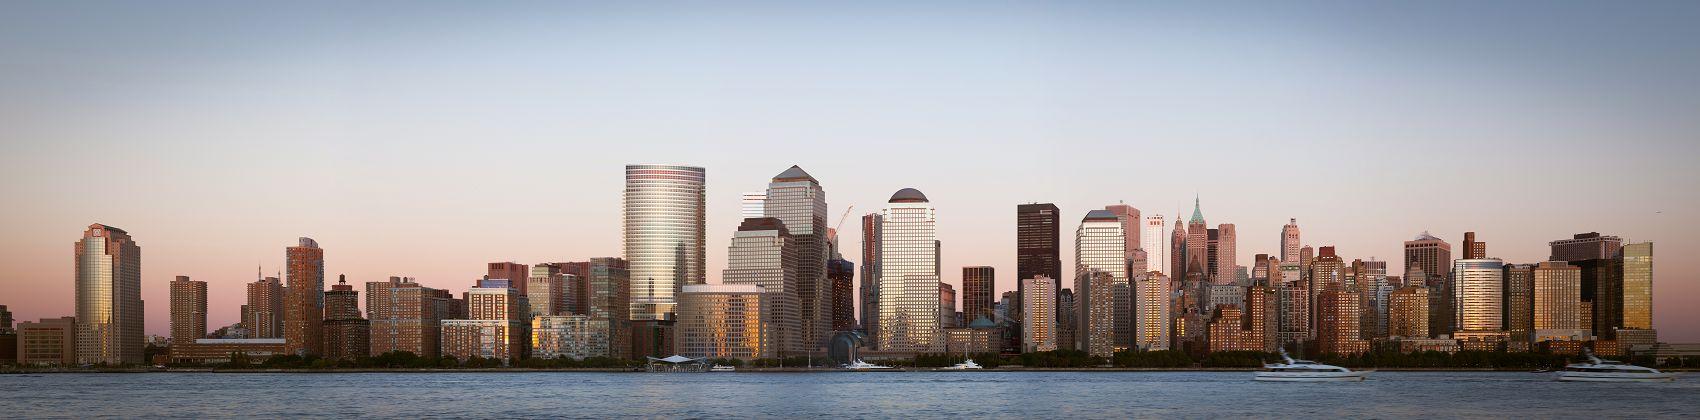 Манхэттен панорама